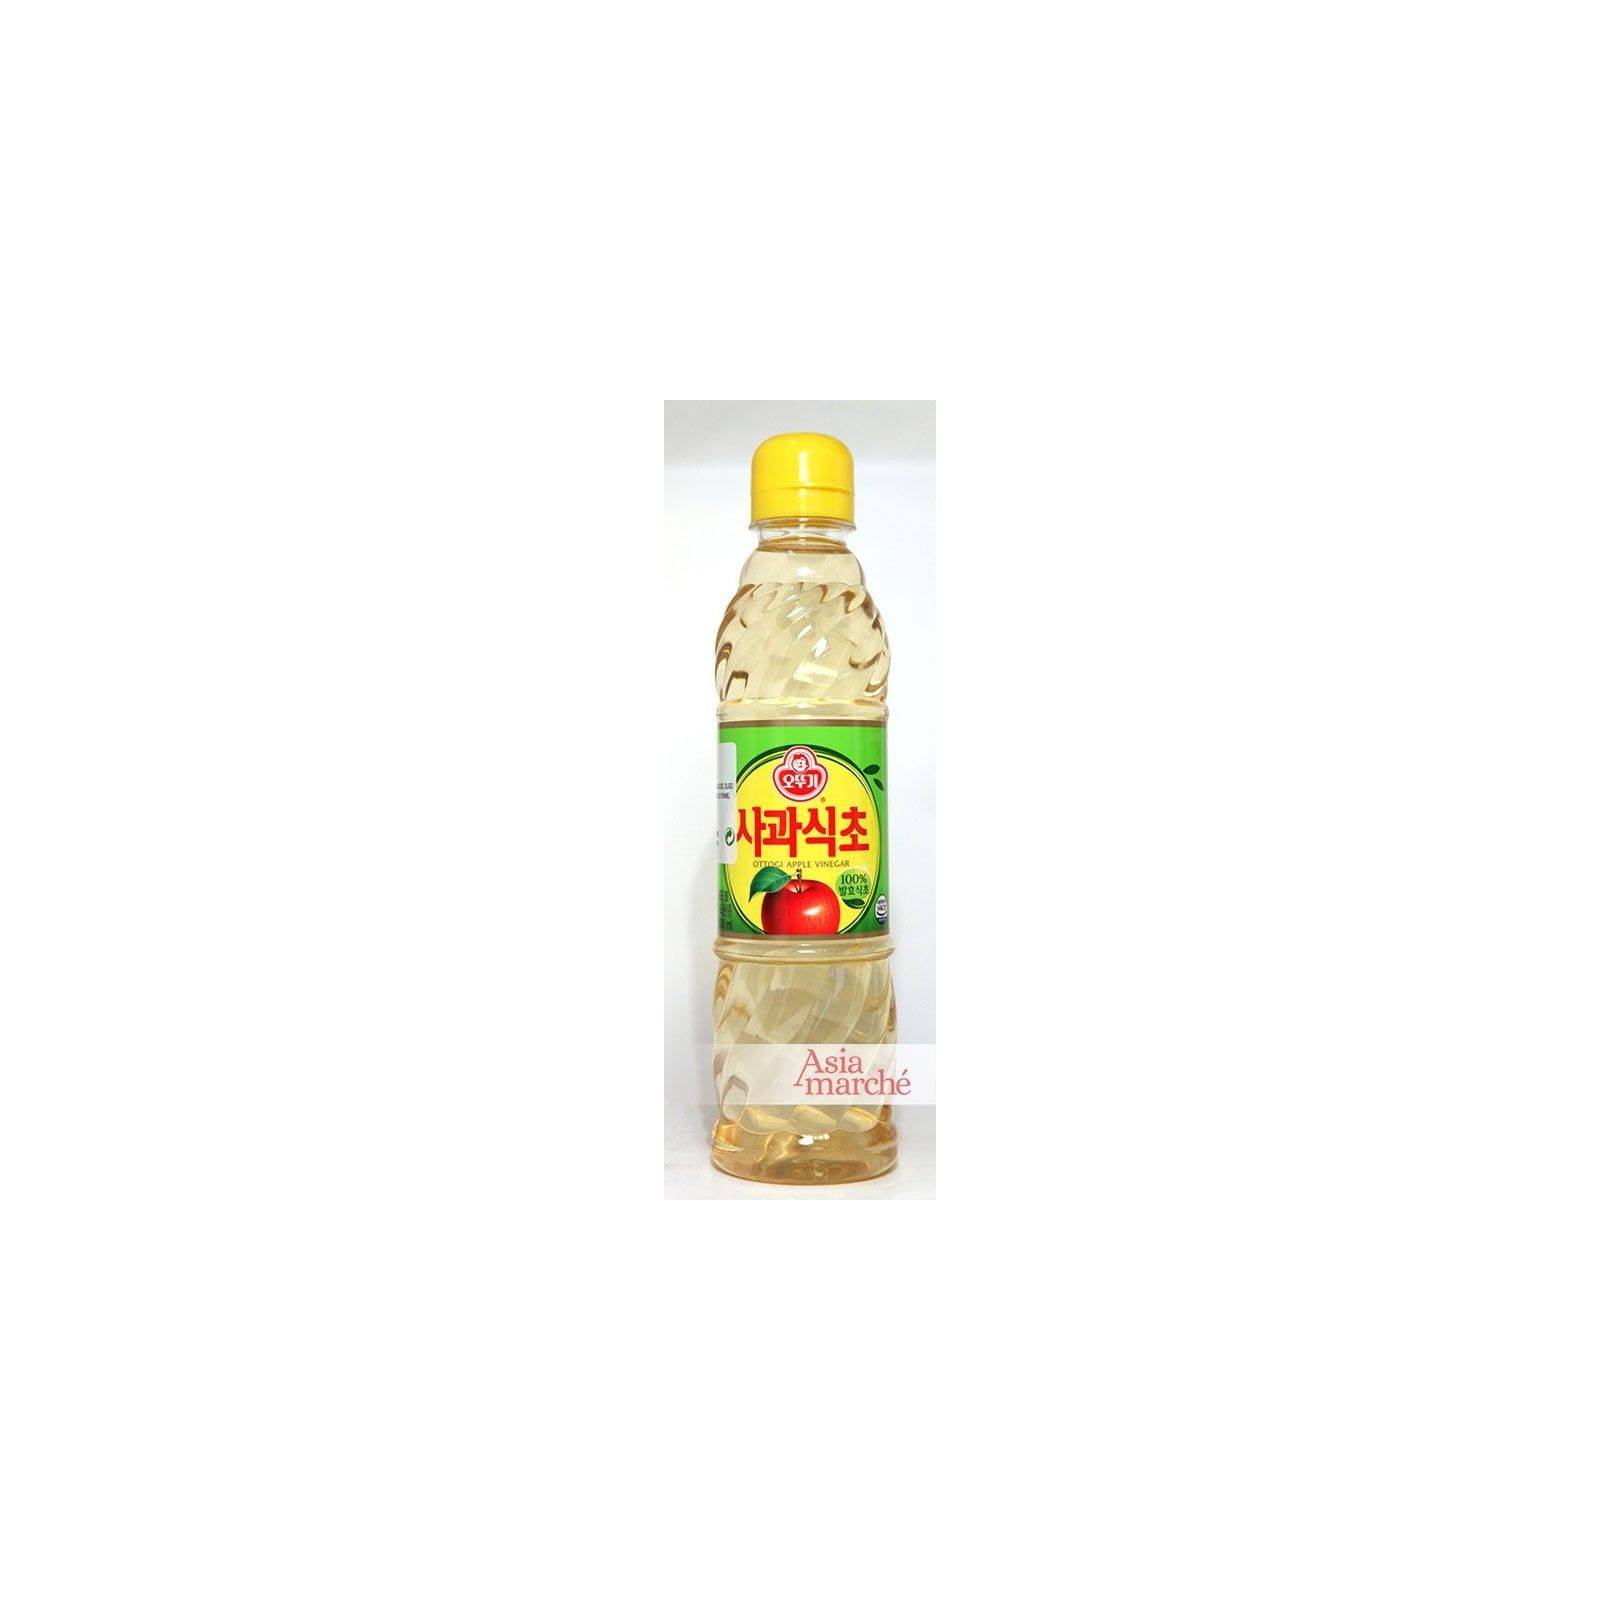 Asia Marché Vinaigre de Pommes Coréen Ottogi 500ml